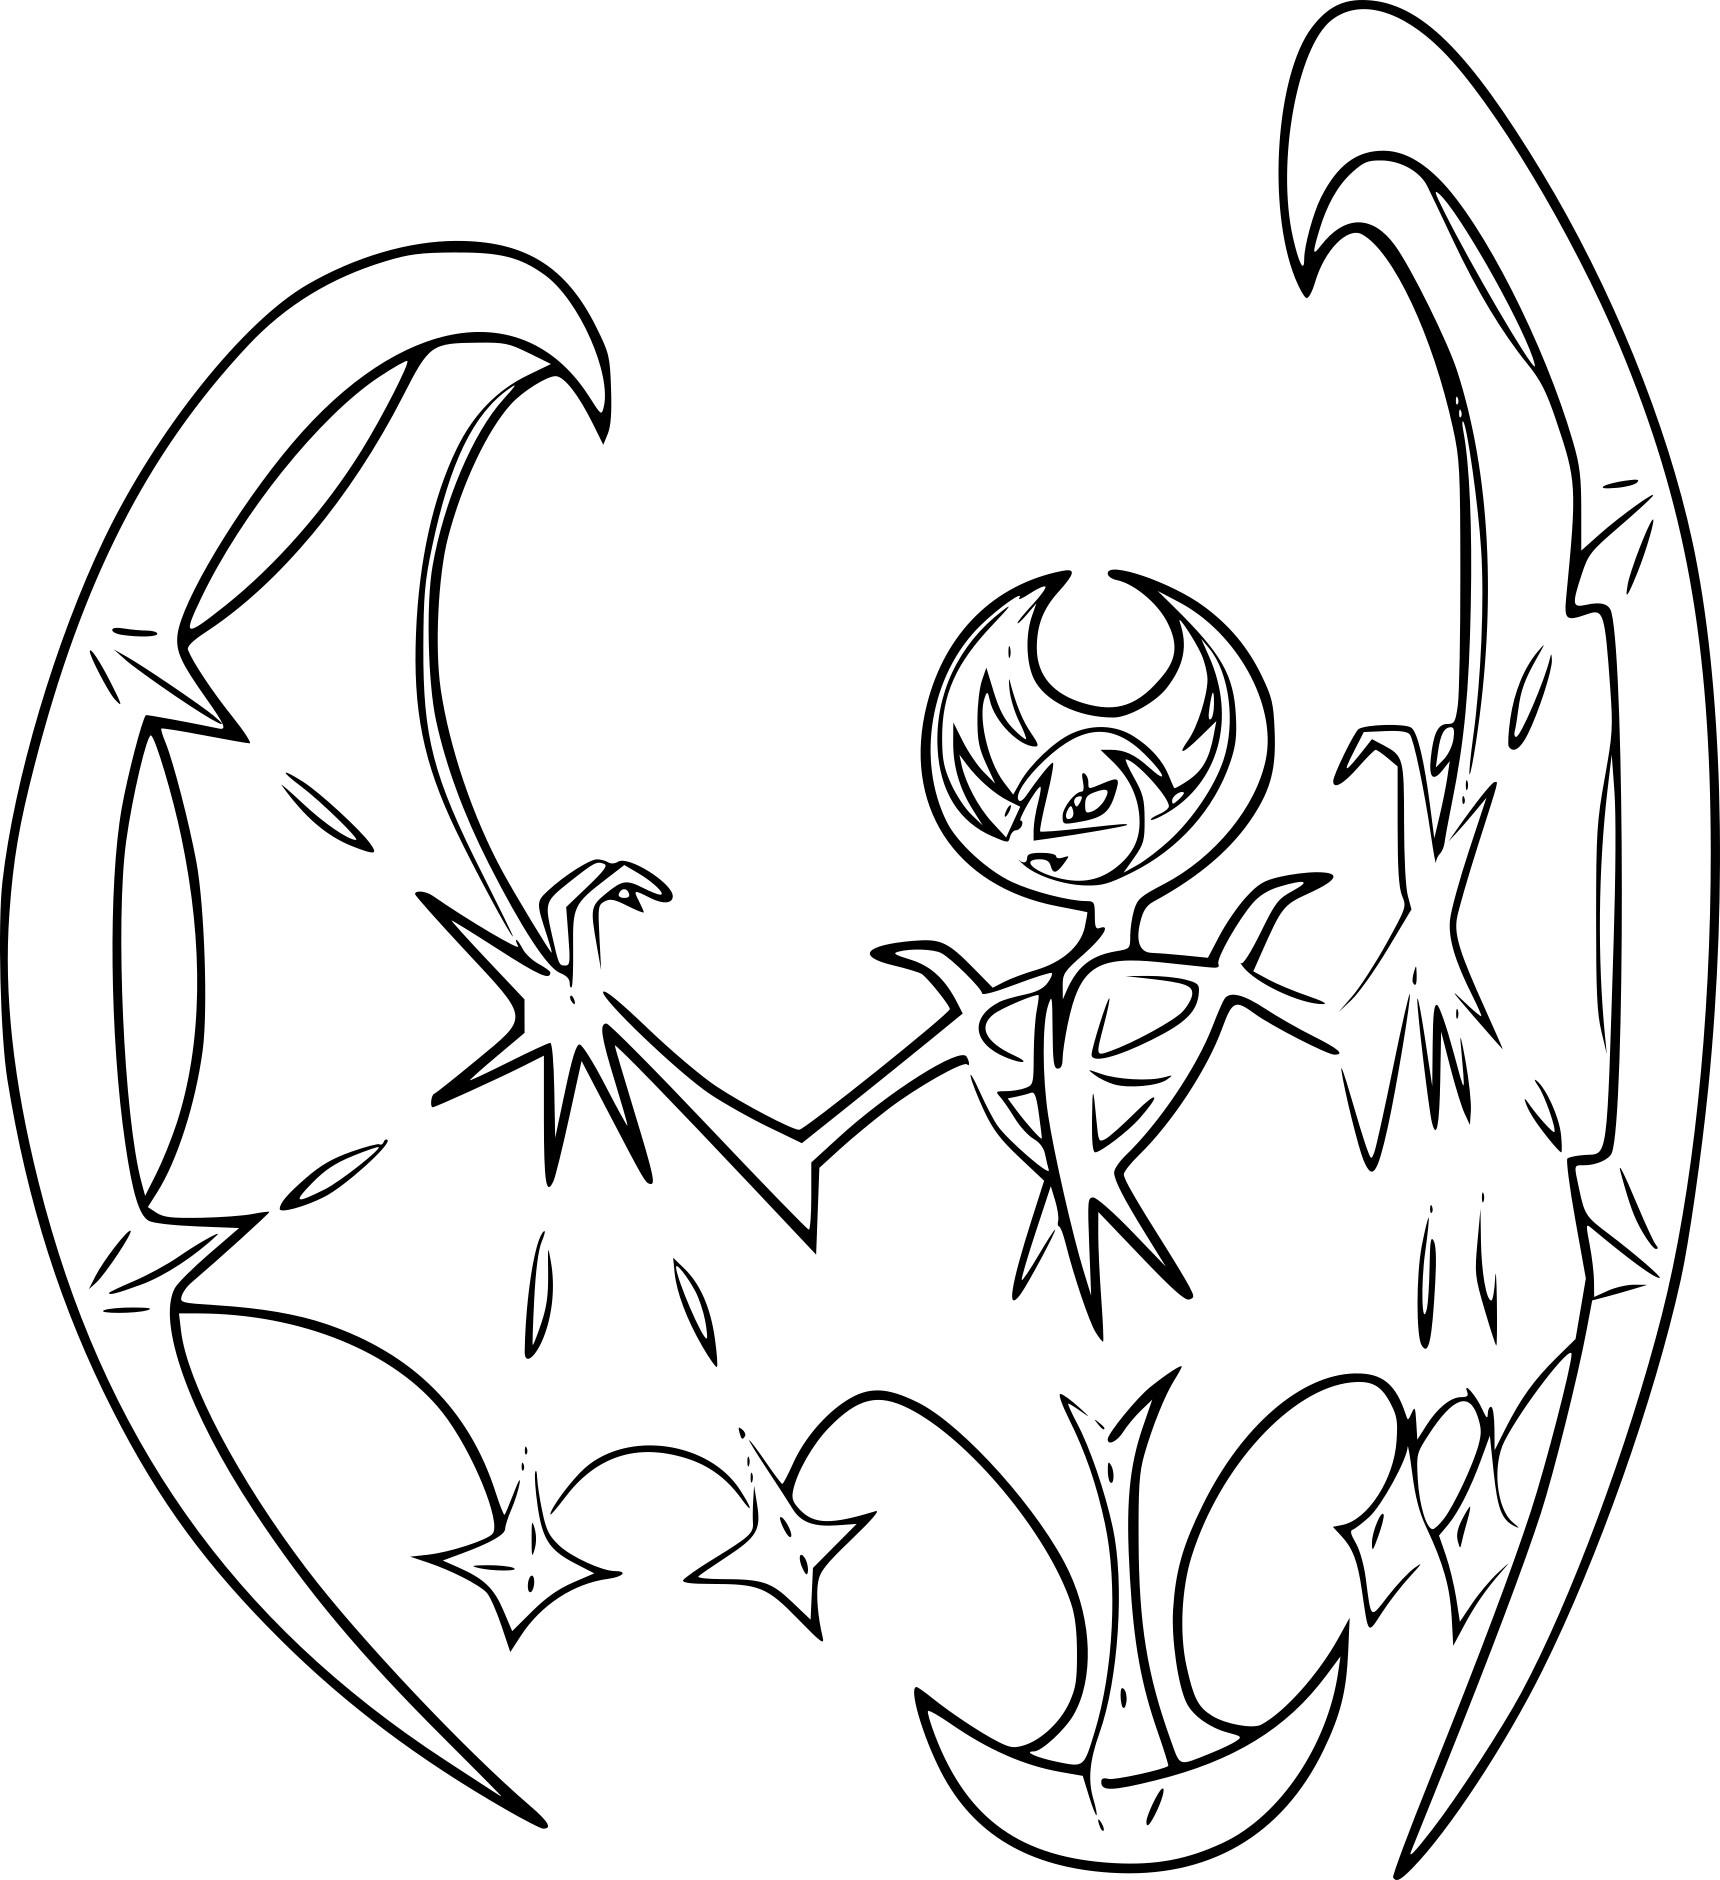 Coloriage Lunala Pokemon Legendaire A Imprimer